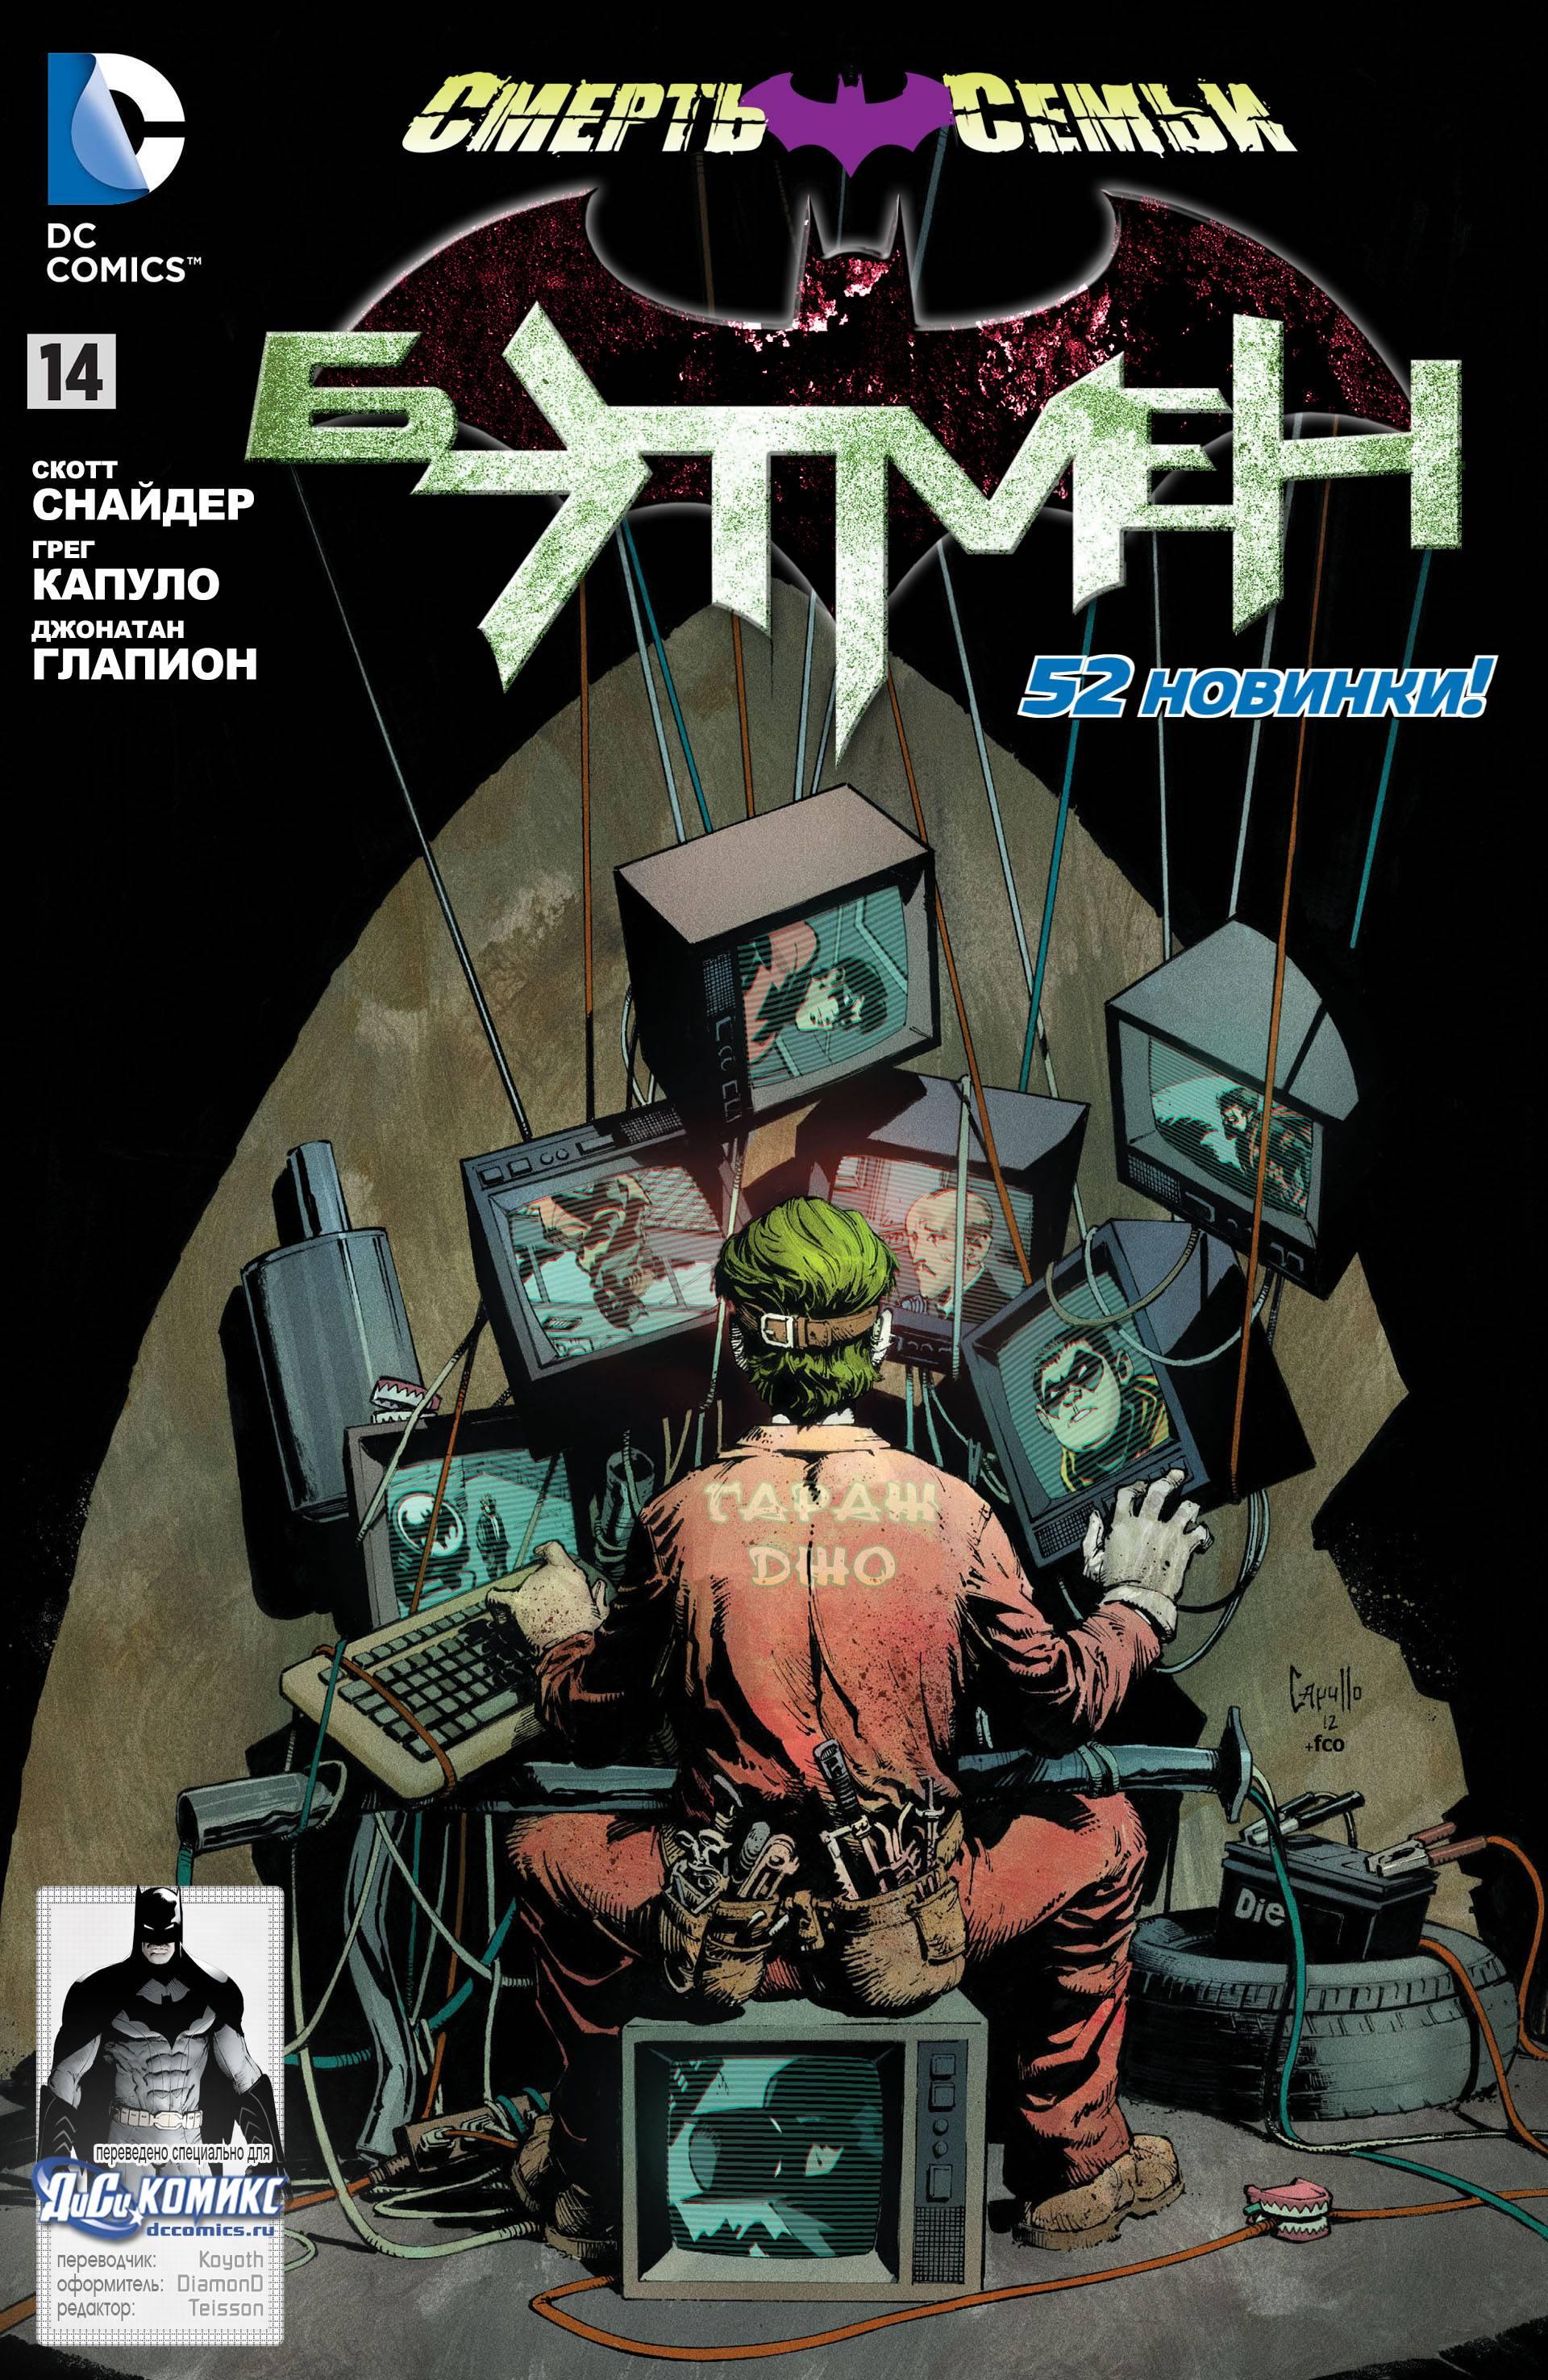 Бэтмен №14 онлайн